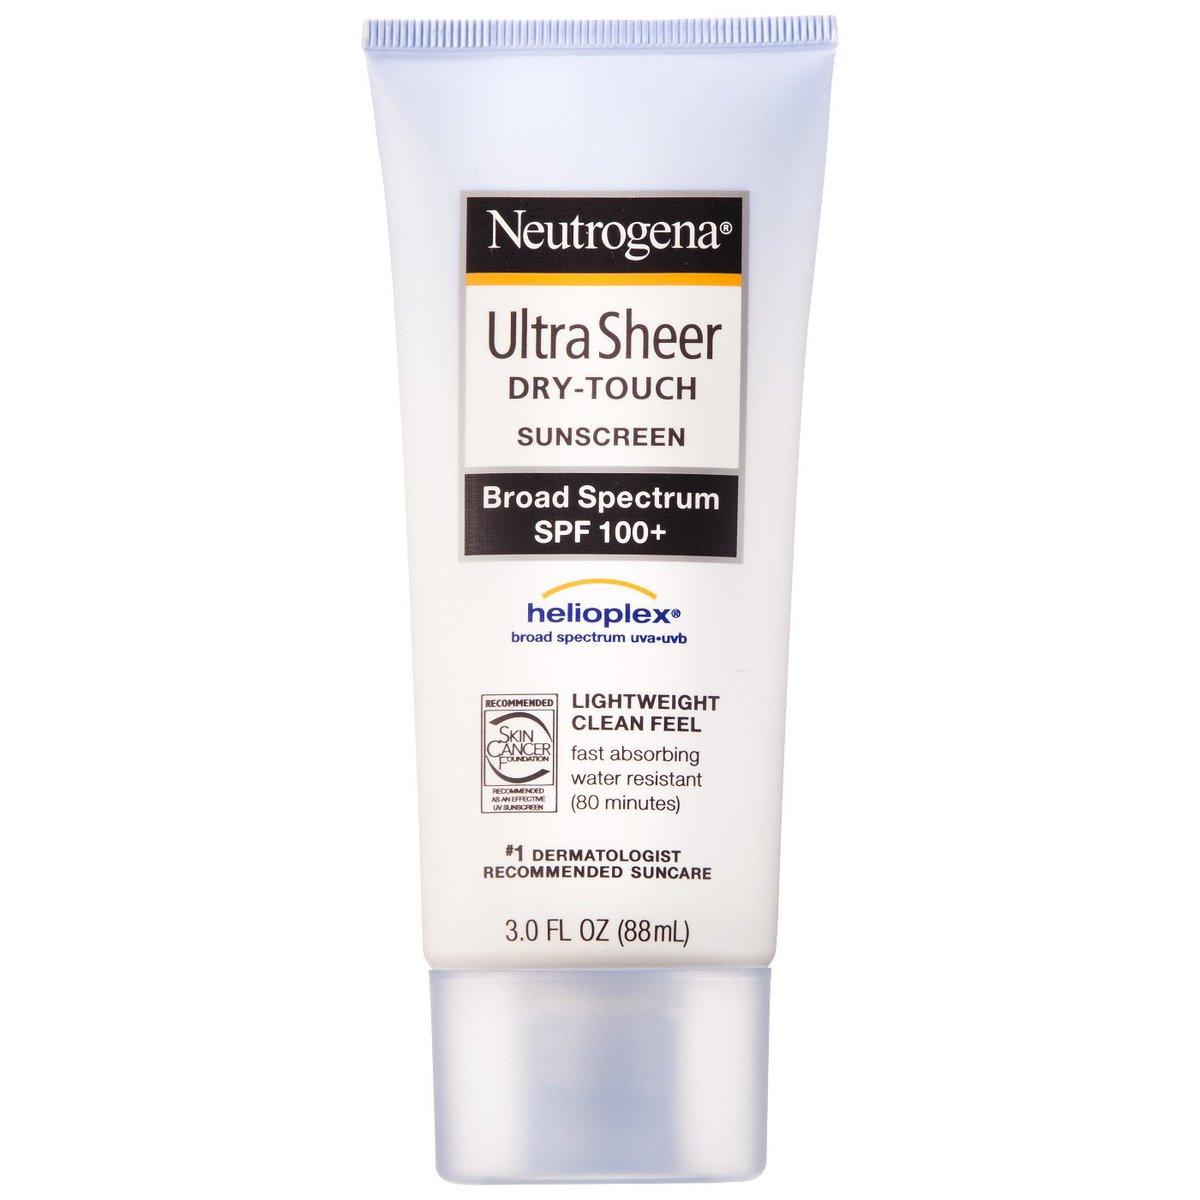 Neutrogena Dry Touch SPF 100